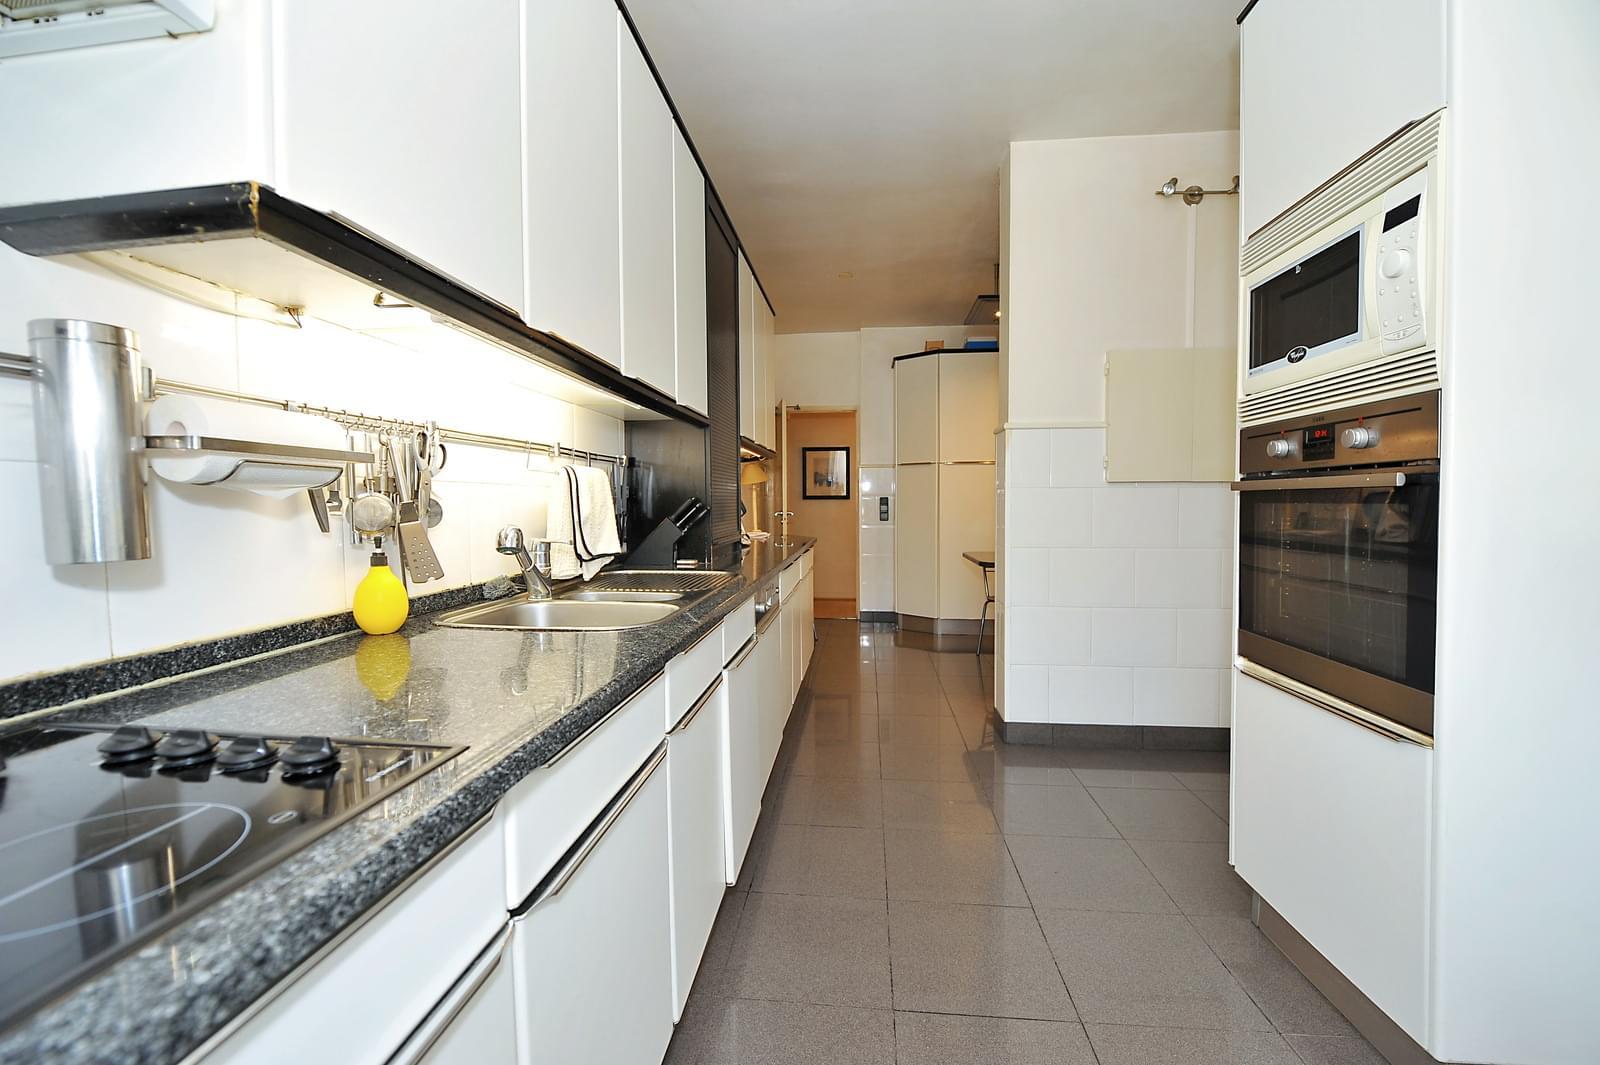 pf17071-apartamento-t4-oeiras-ce97d5d5-493a-4e06-951e-0069b07f10bf